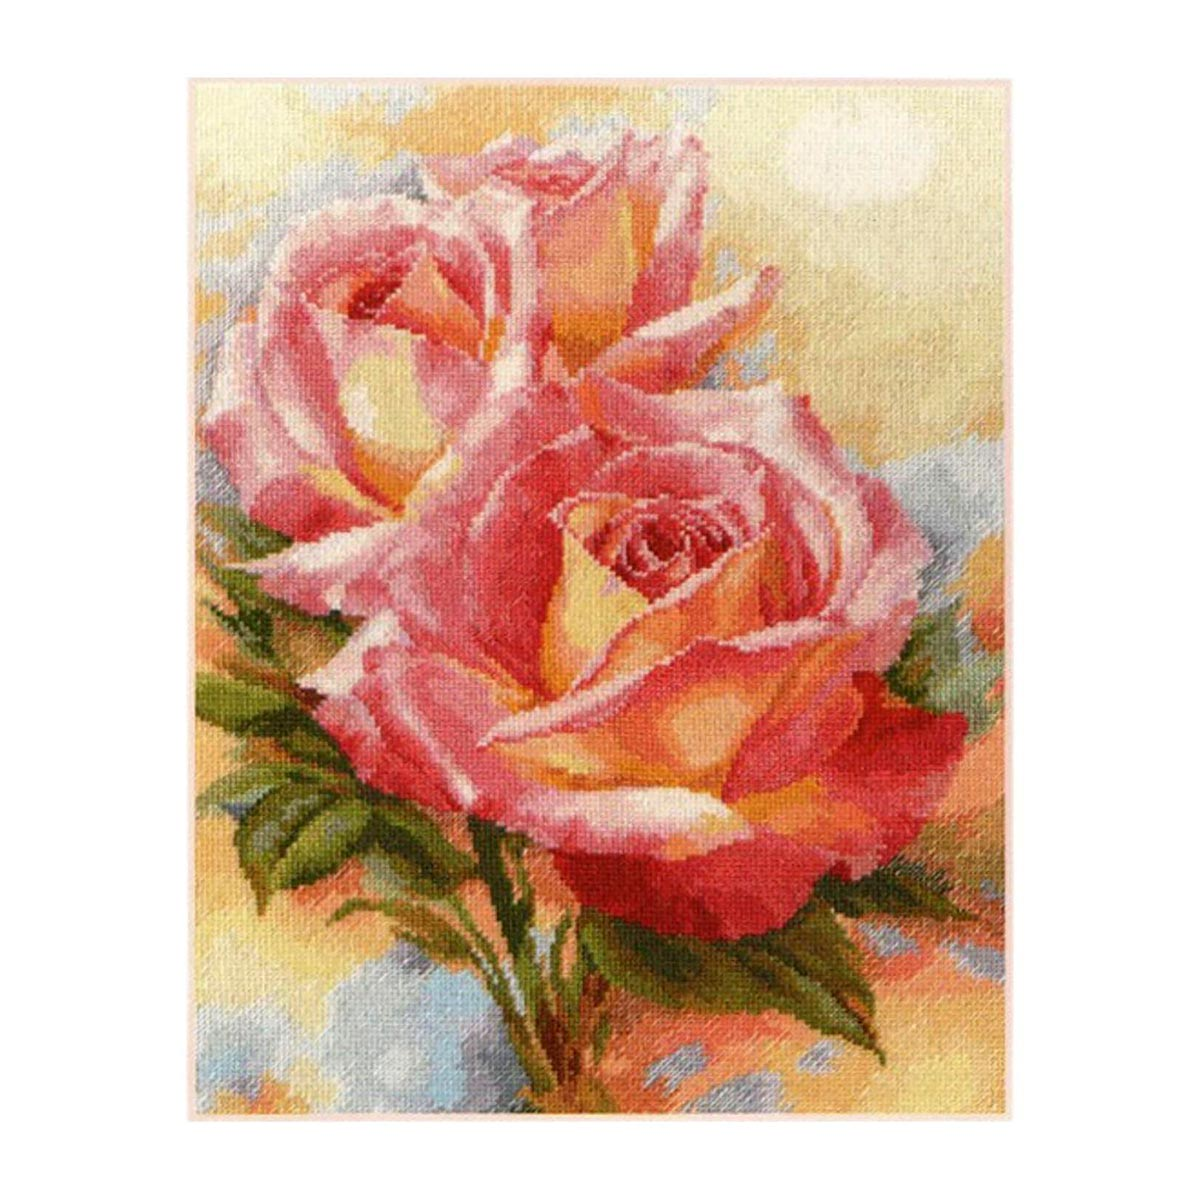 2-31 Набор для вышивания АЛИСА 'Розовые мечты' 28*36см